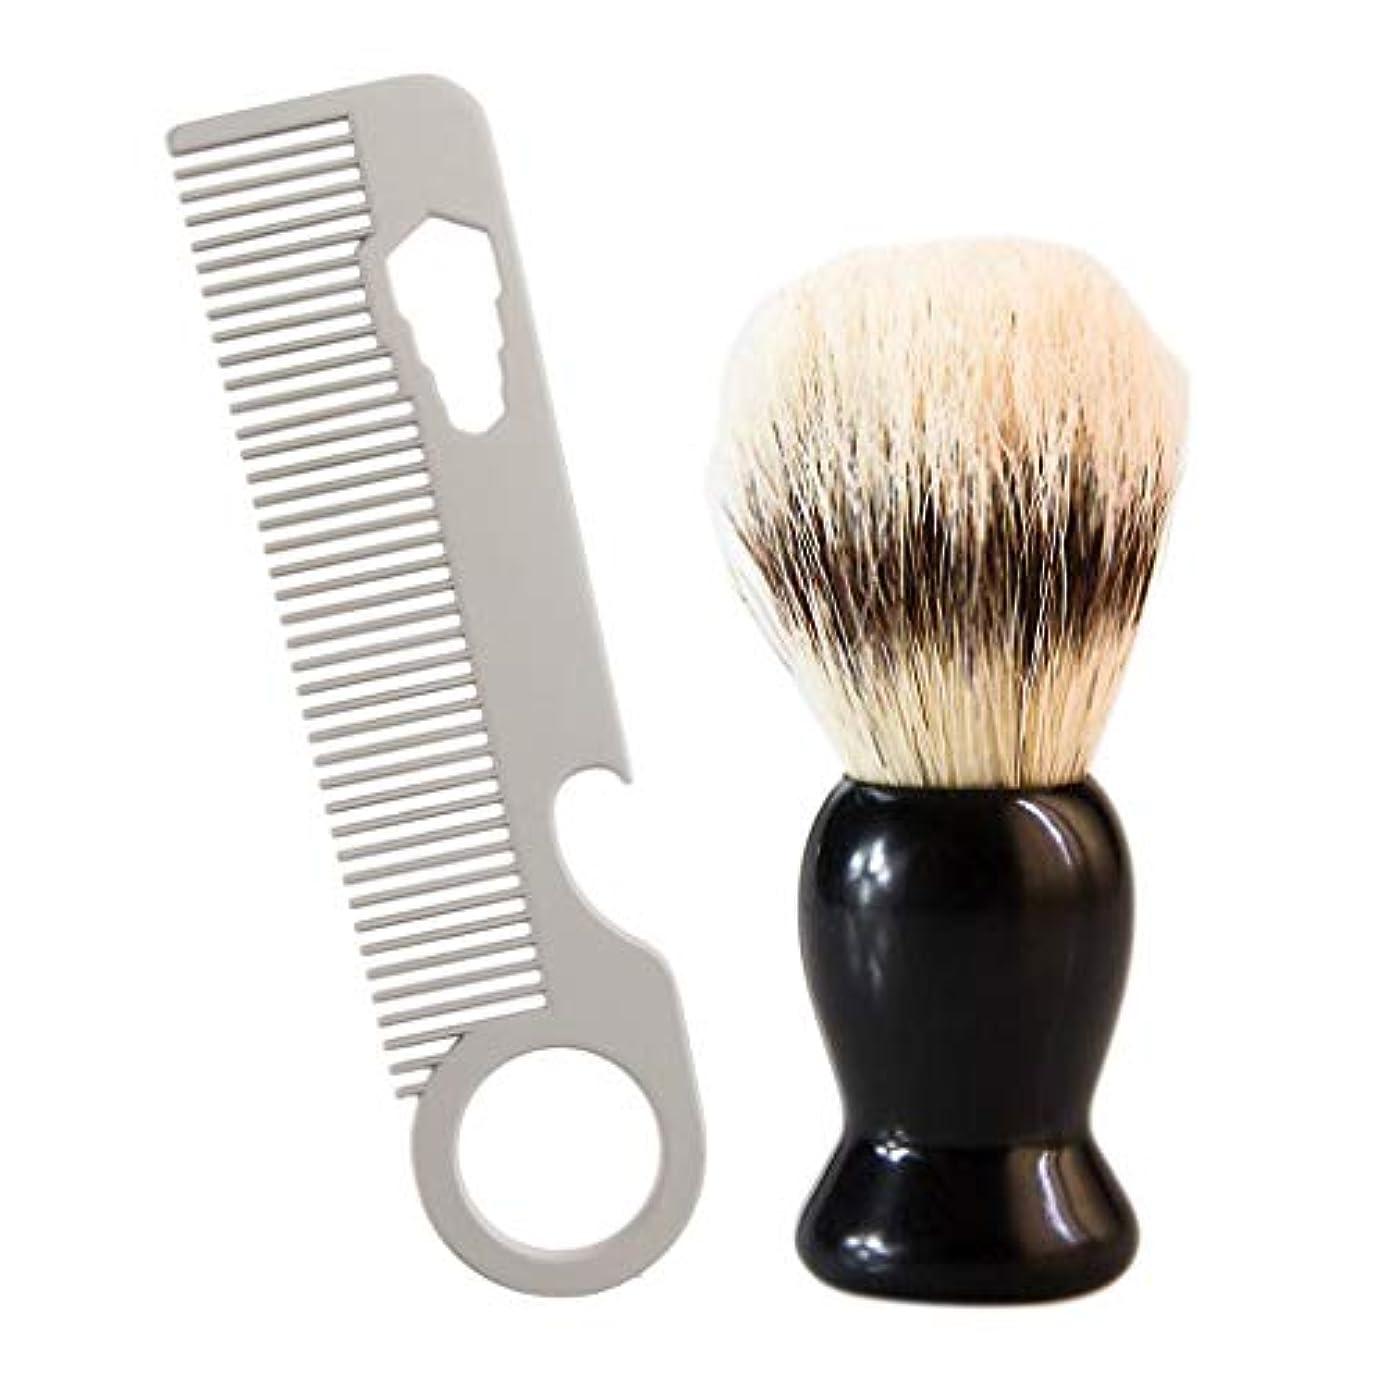 クレアチャネルめ言葉sharprepublic 2個 メンズ用 ひげ剃り櫛 シェービングブラシ 理容 洗顔 髭剃り キャンプ 旅行 家庭